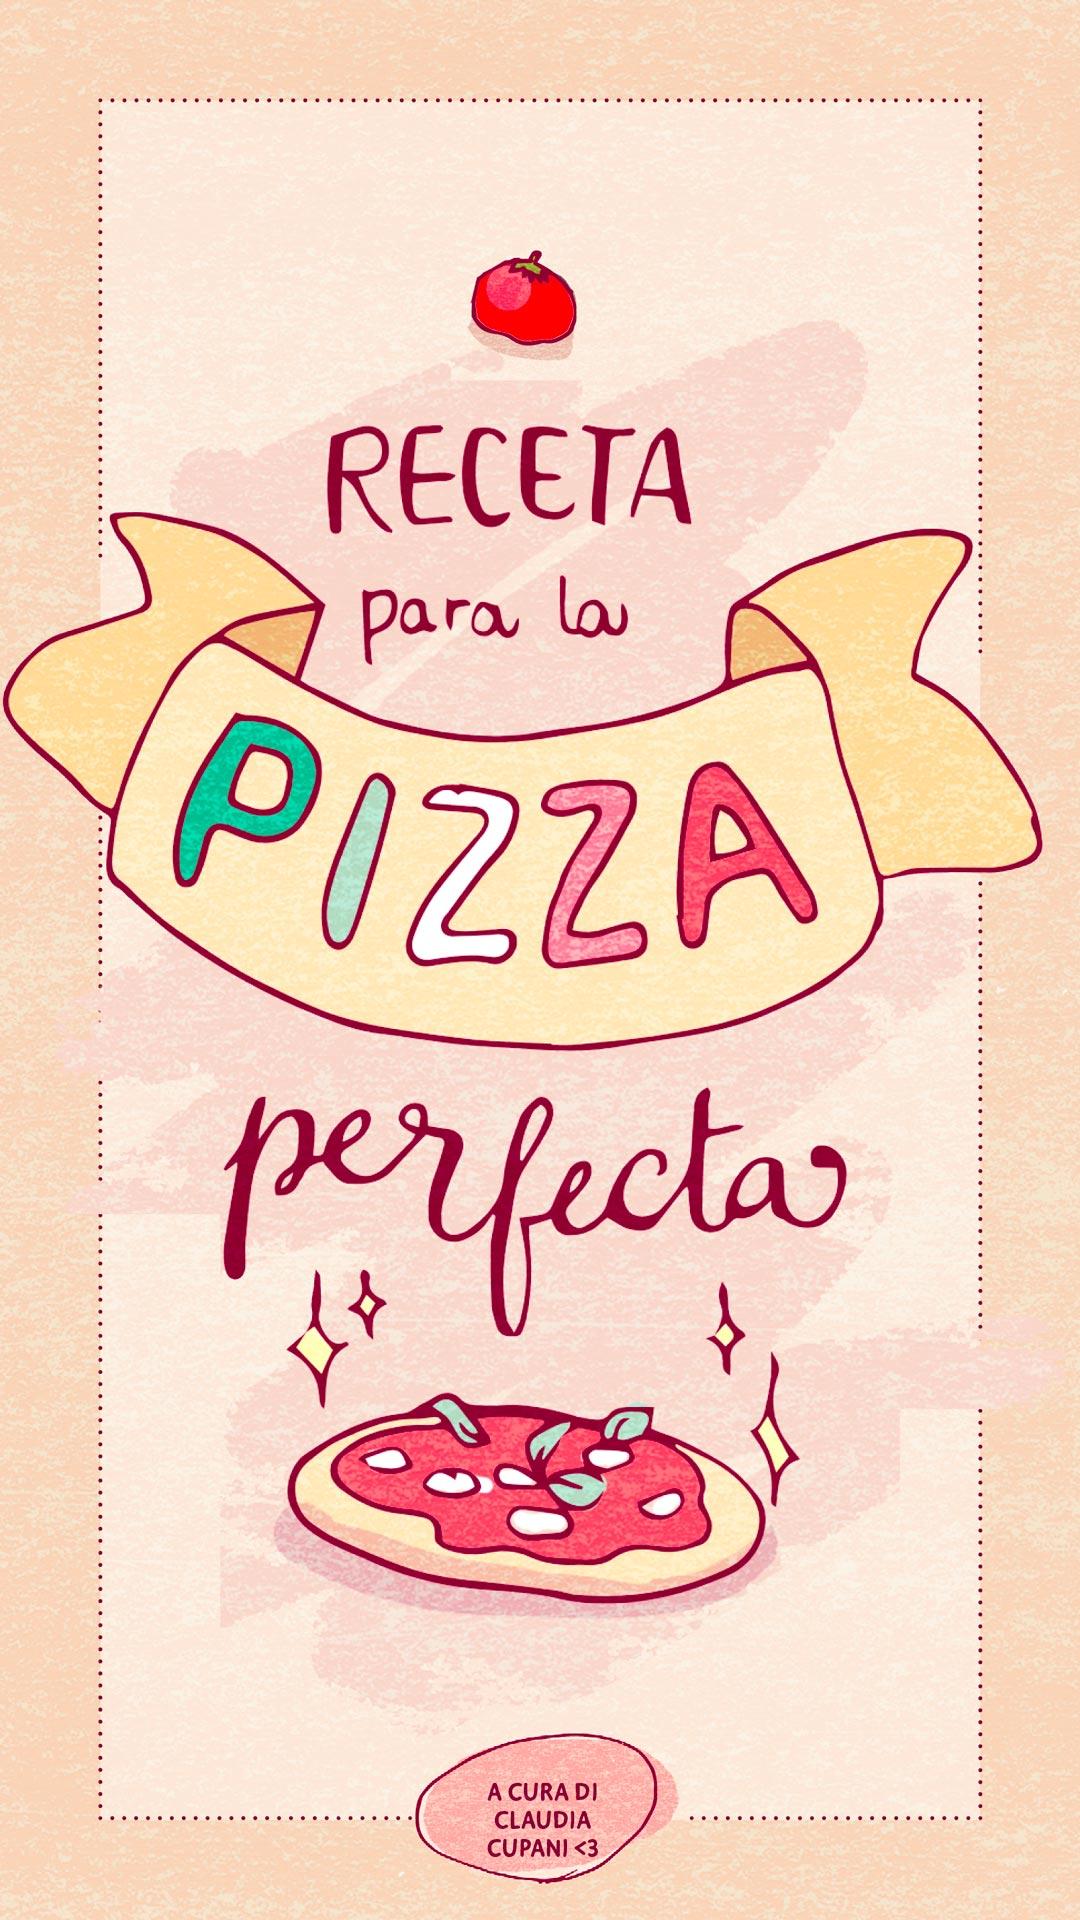 Receta ilustrada pizza